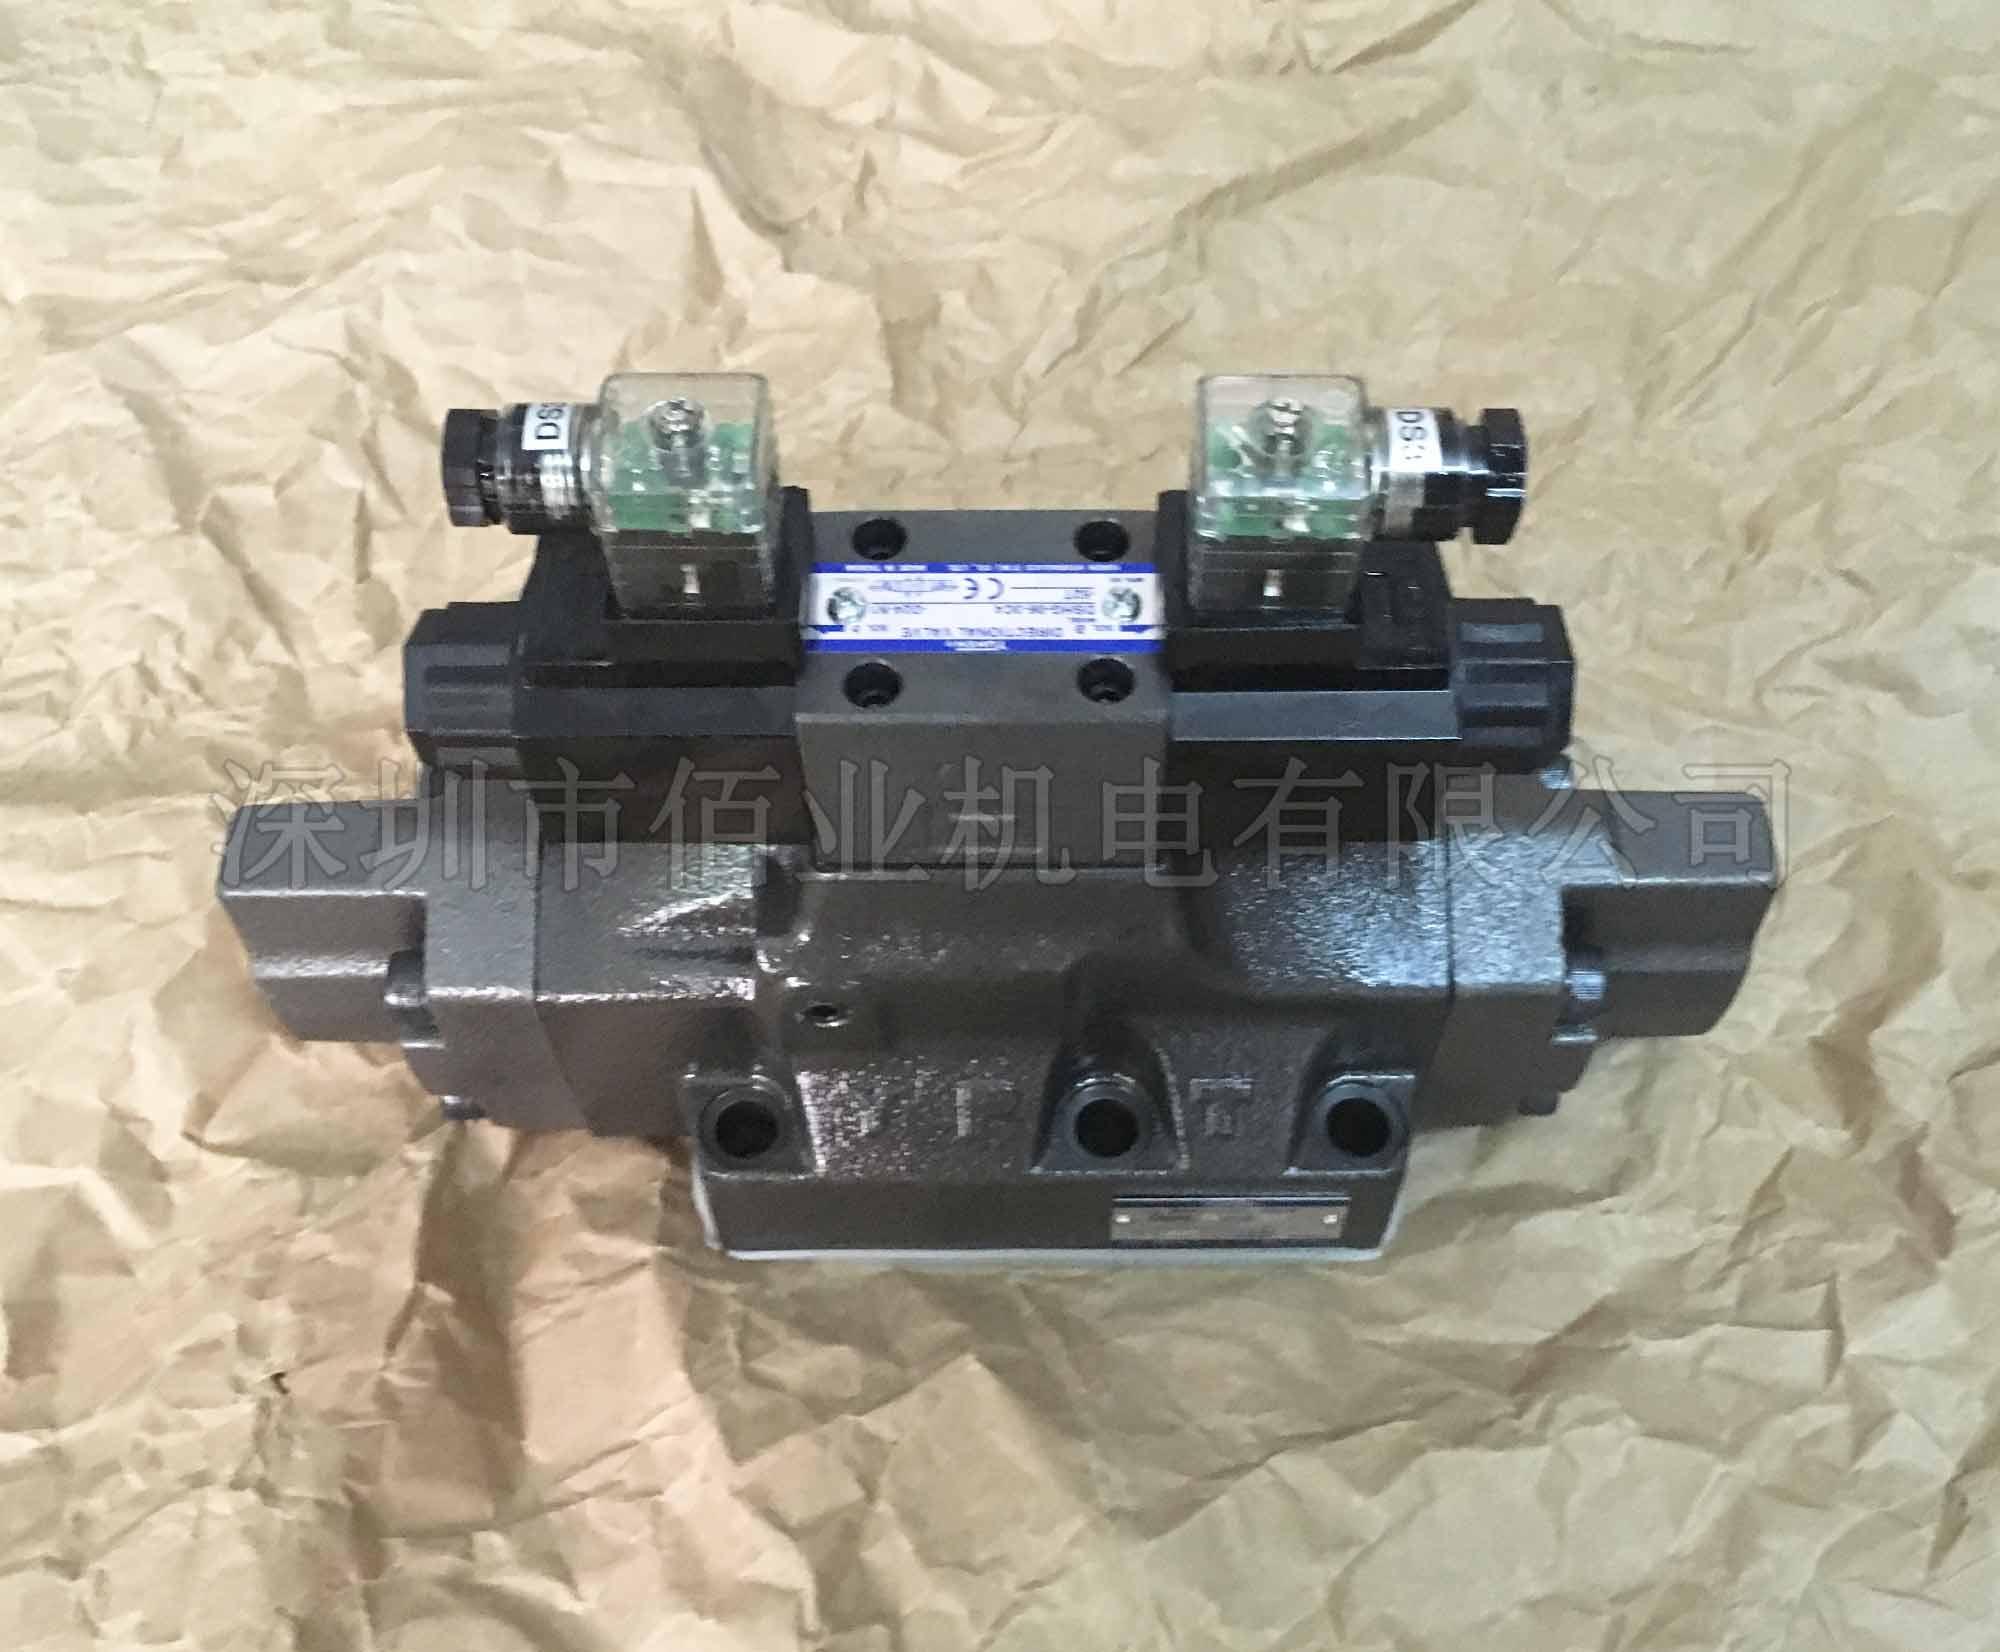 台湾油研电液换向阀,DSHG-06-3C4-R2-D24-N1-52T